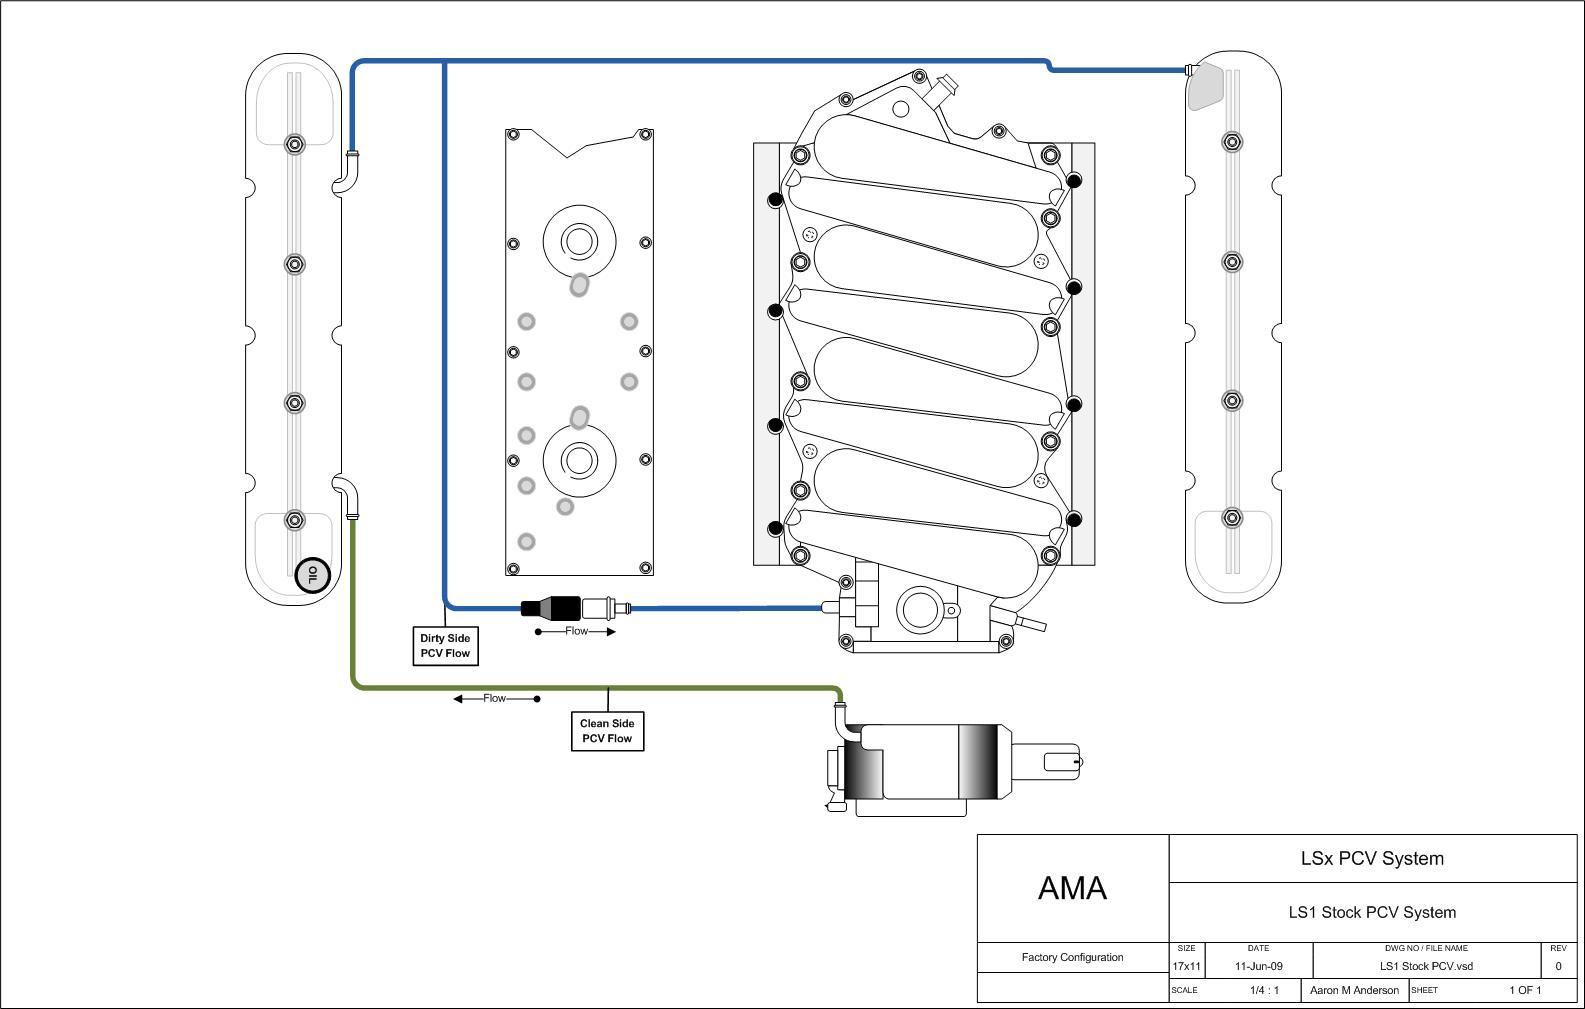 ls1 pcv diagram